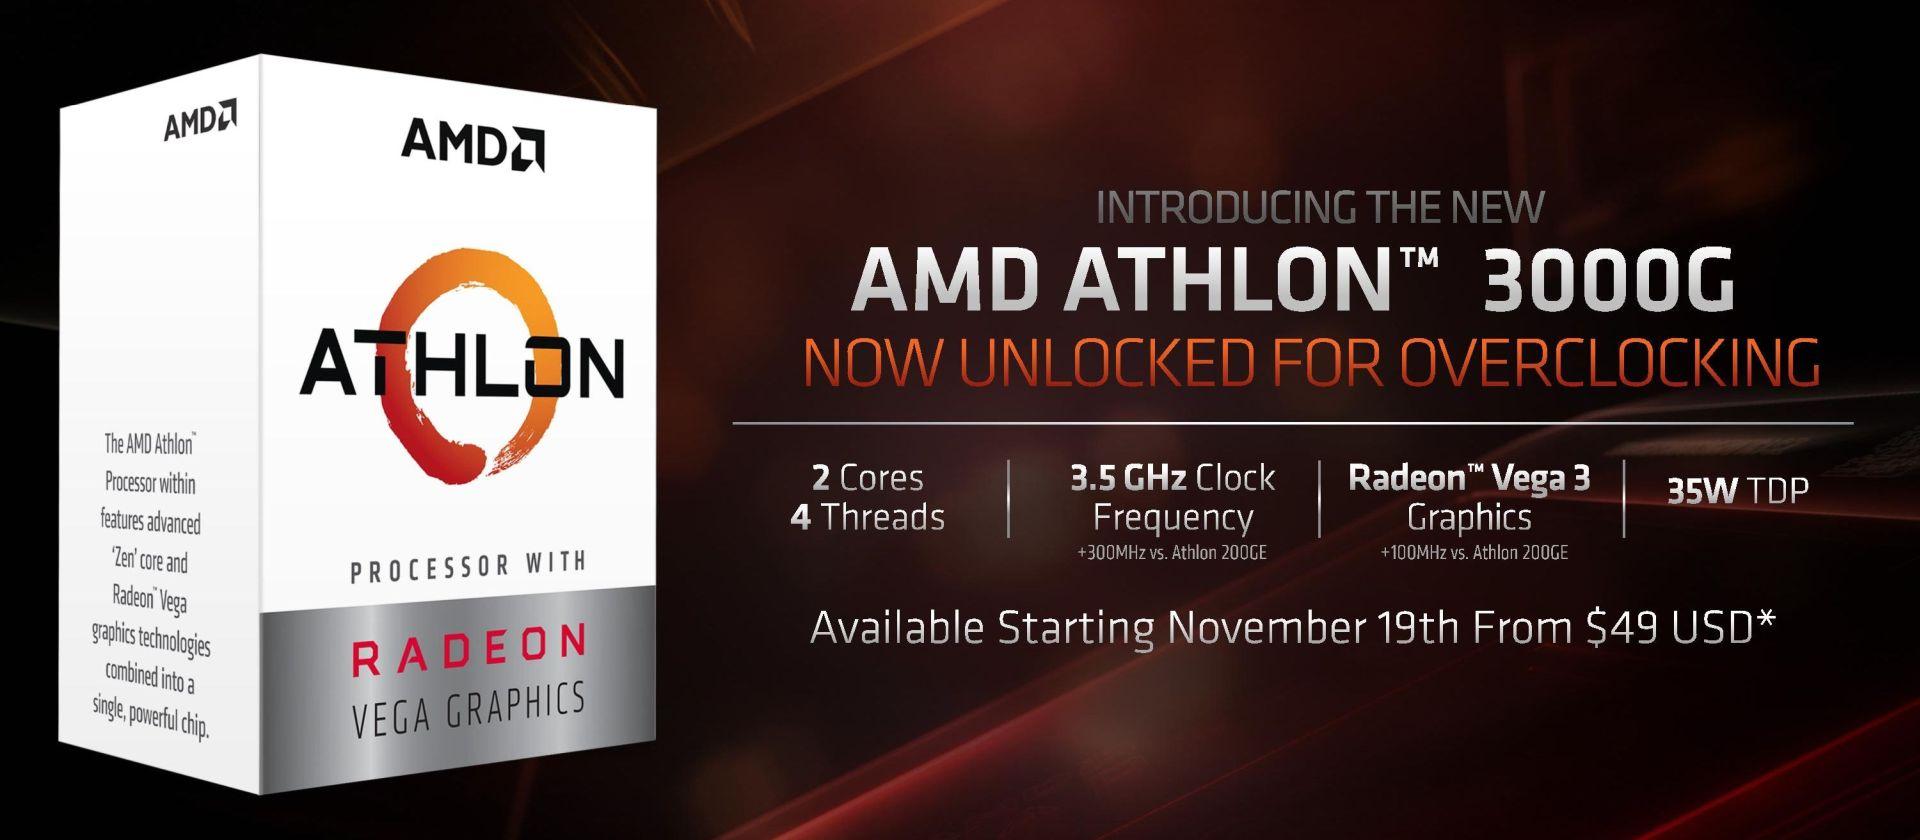 athlon_3000g